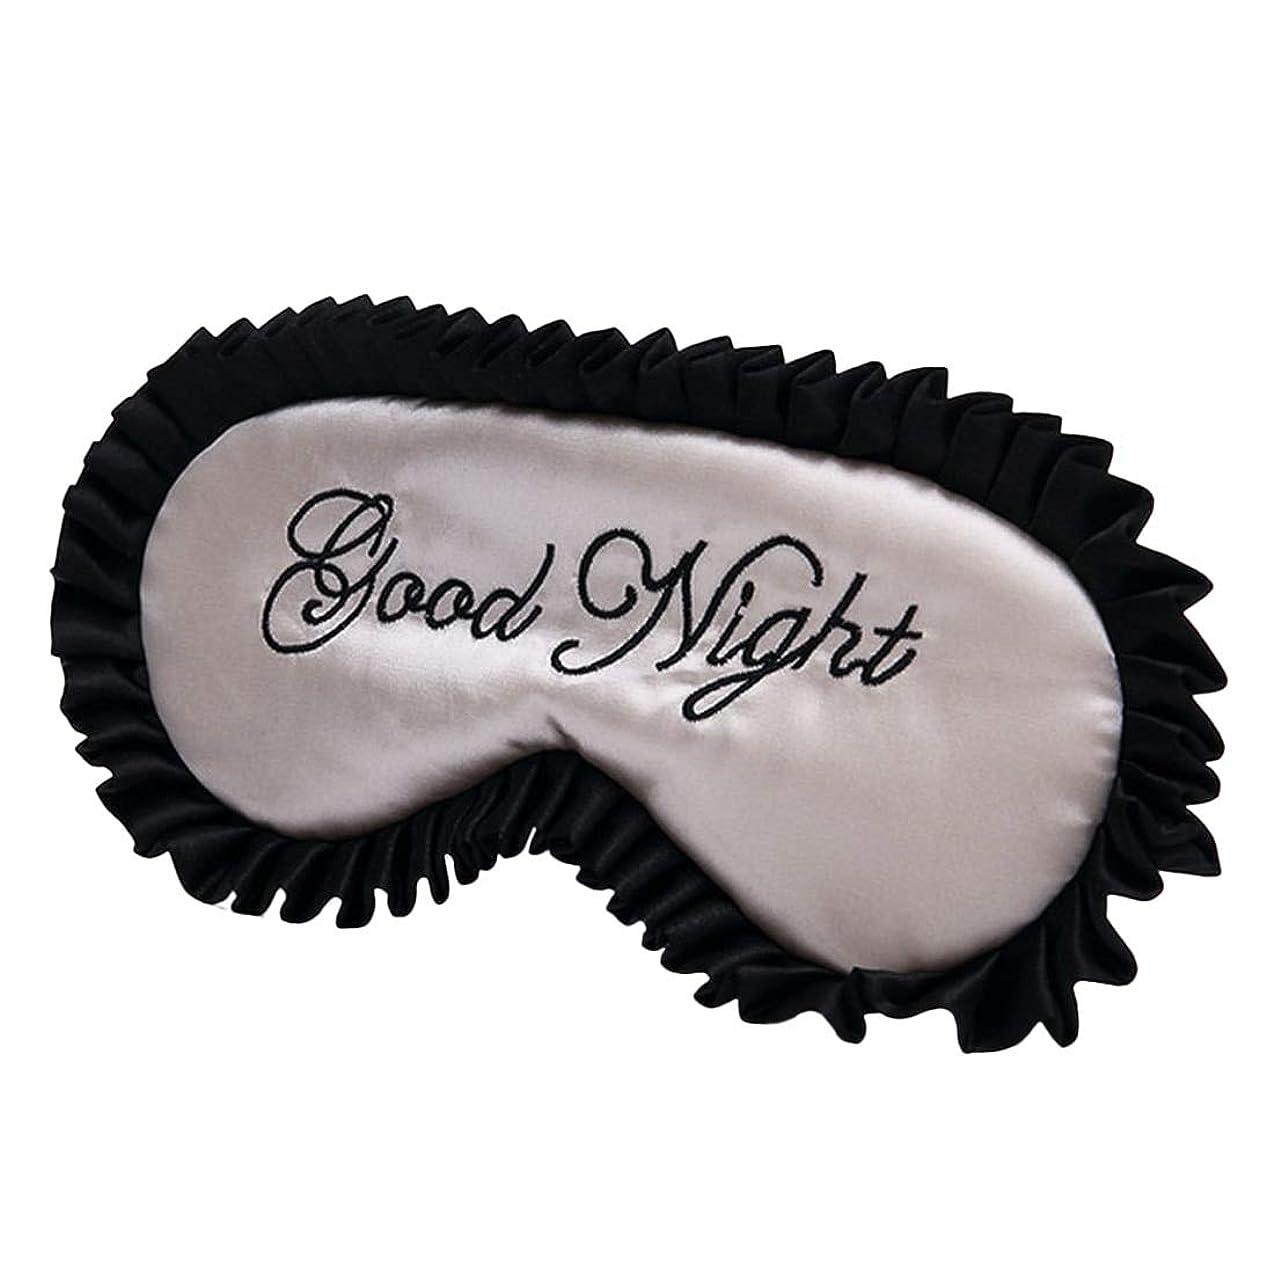 原稿大理石例外NOTE ソフトスムージーレース刺繍入り睡眠美容シェードゴーグル快適な模造シルクサテンワード睡眠マスクアイカバー